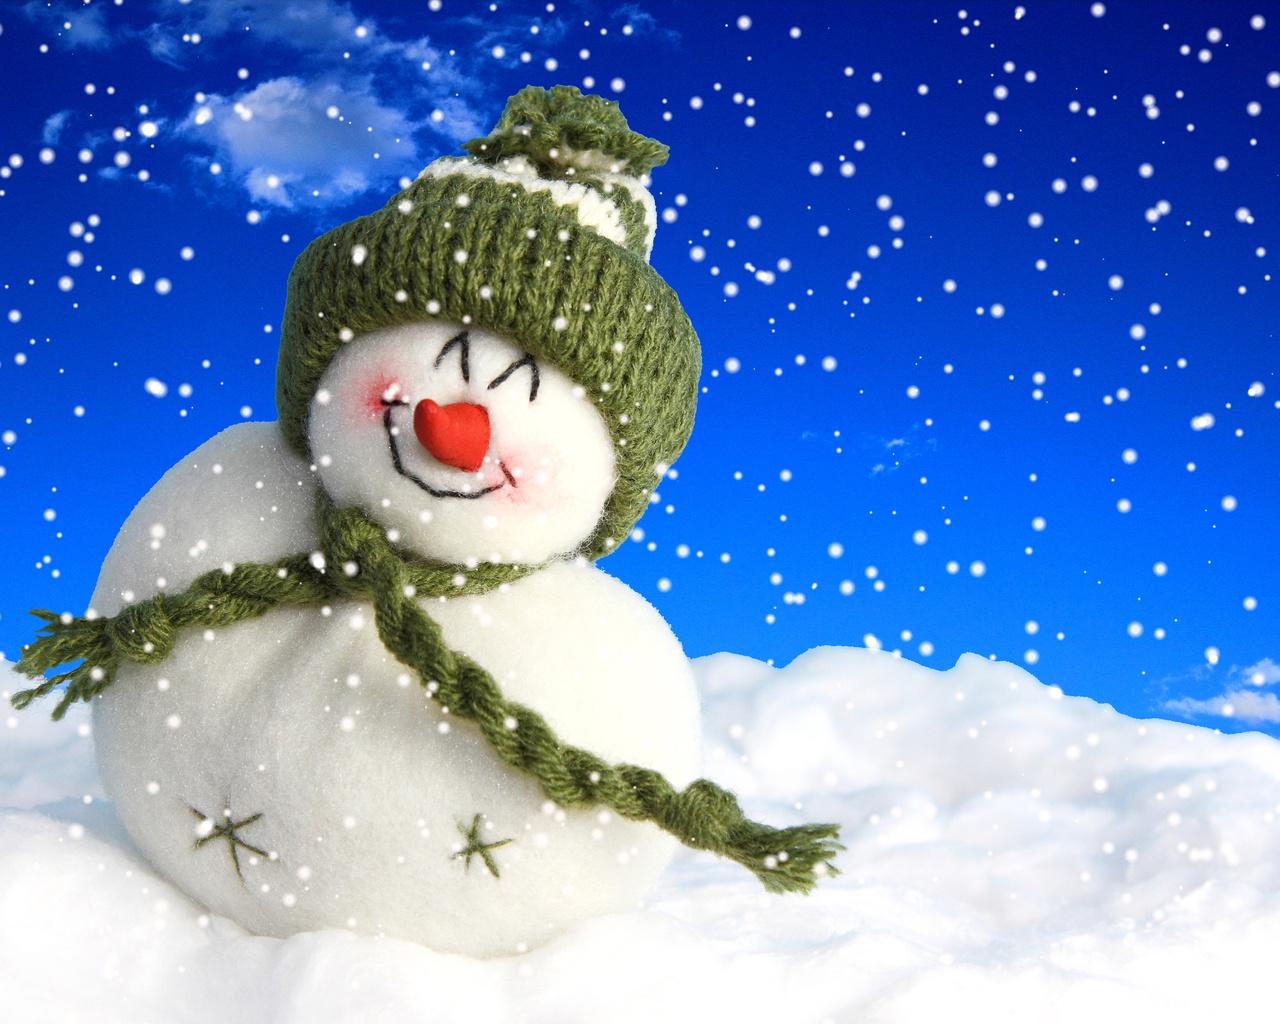 зима, снег, снеговик, игрушка